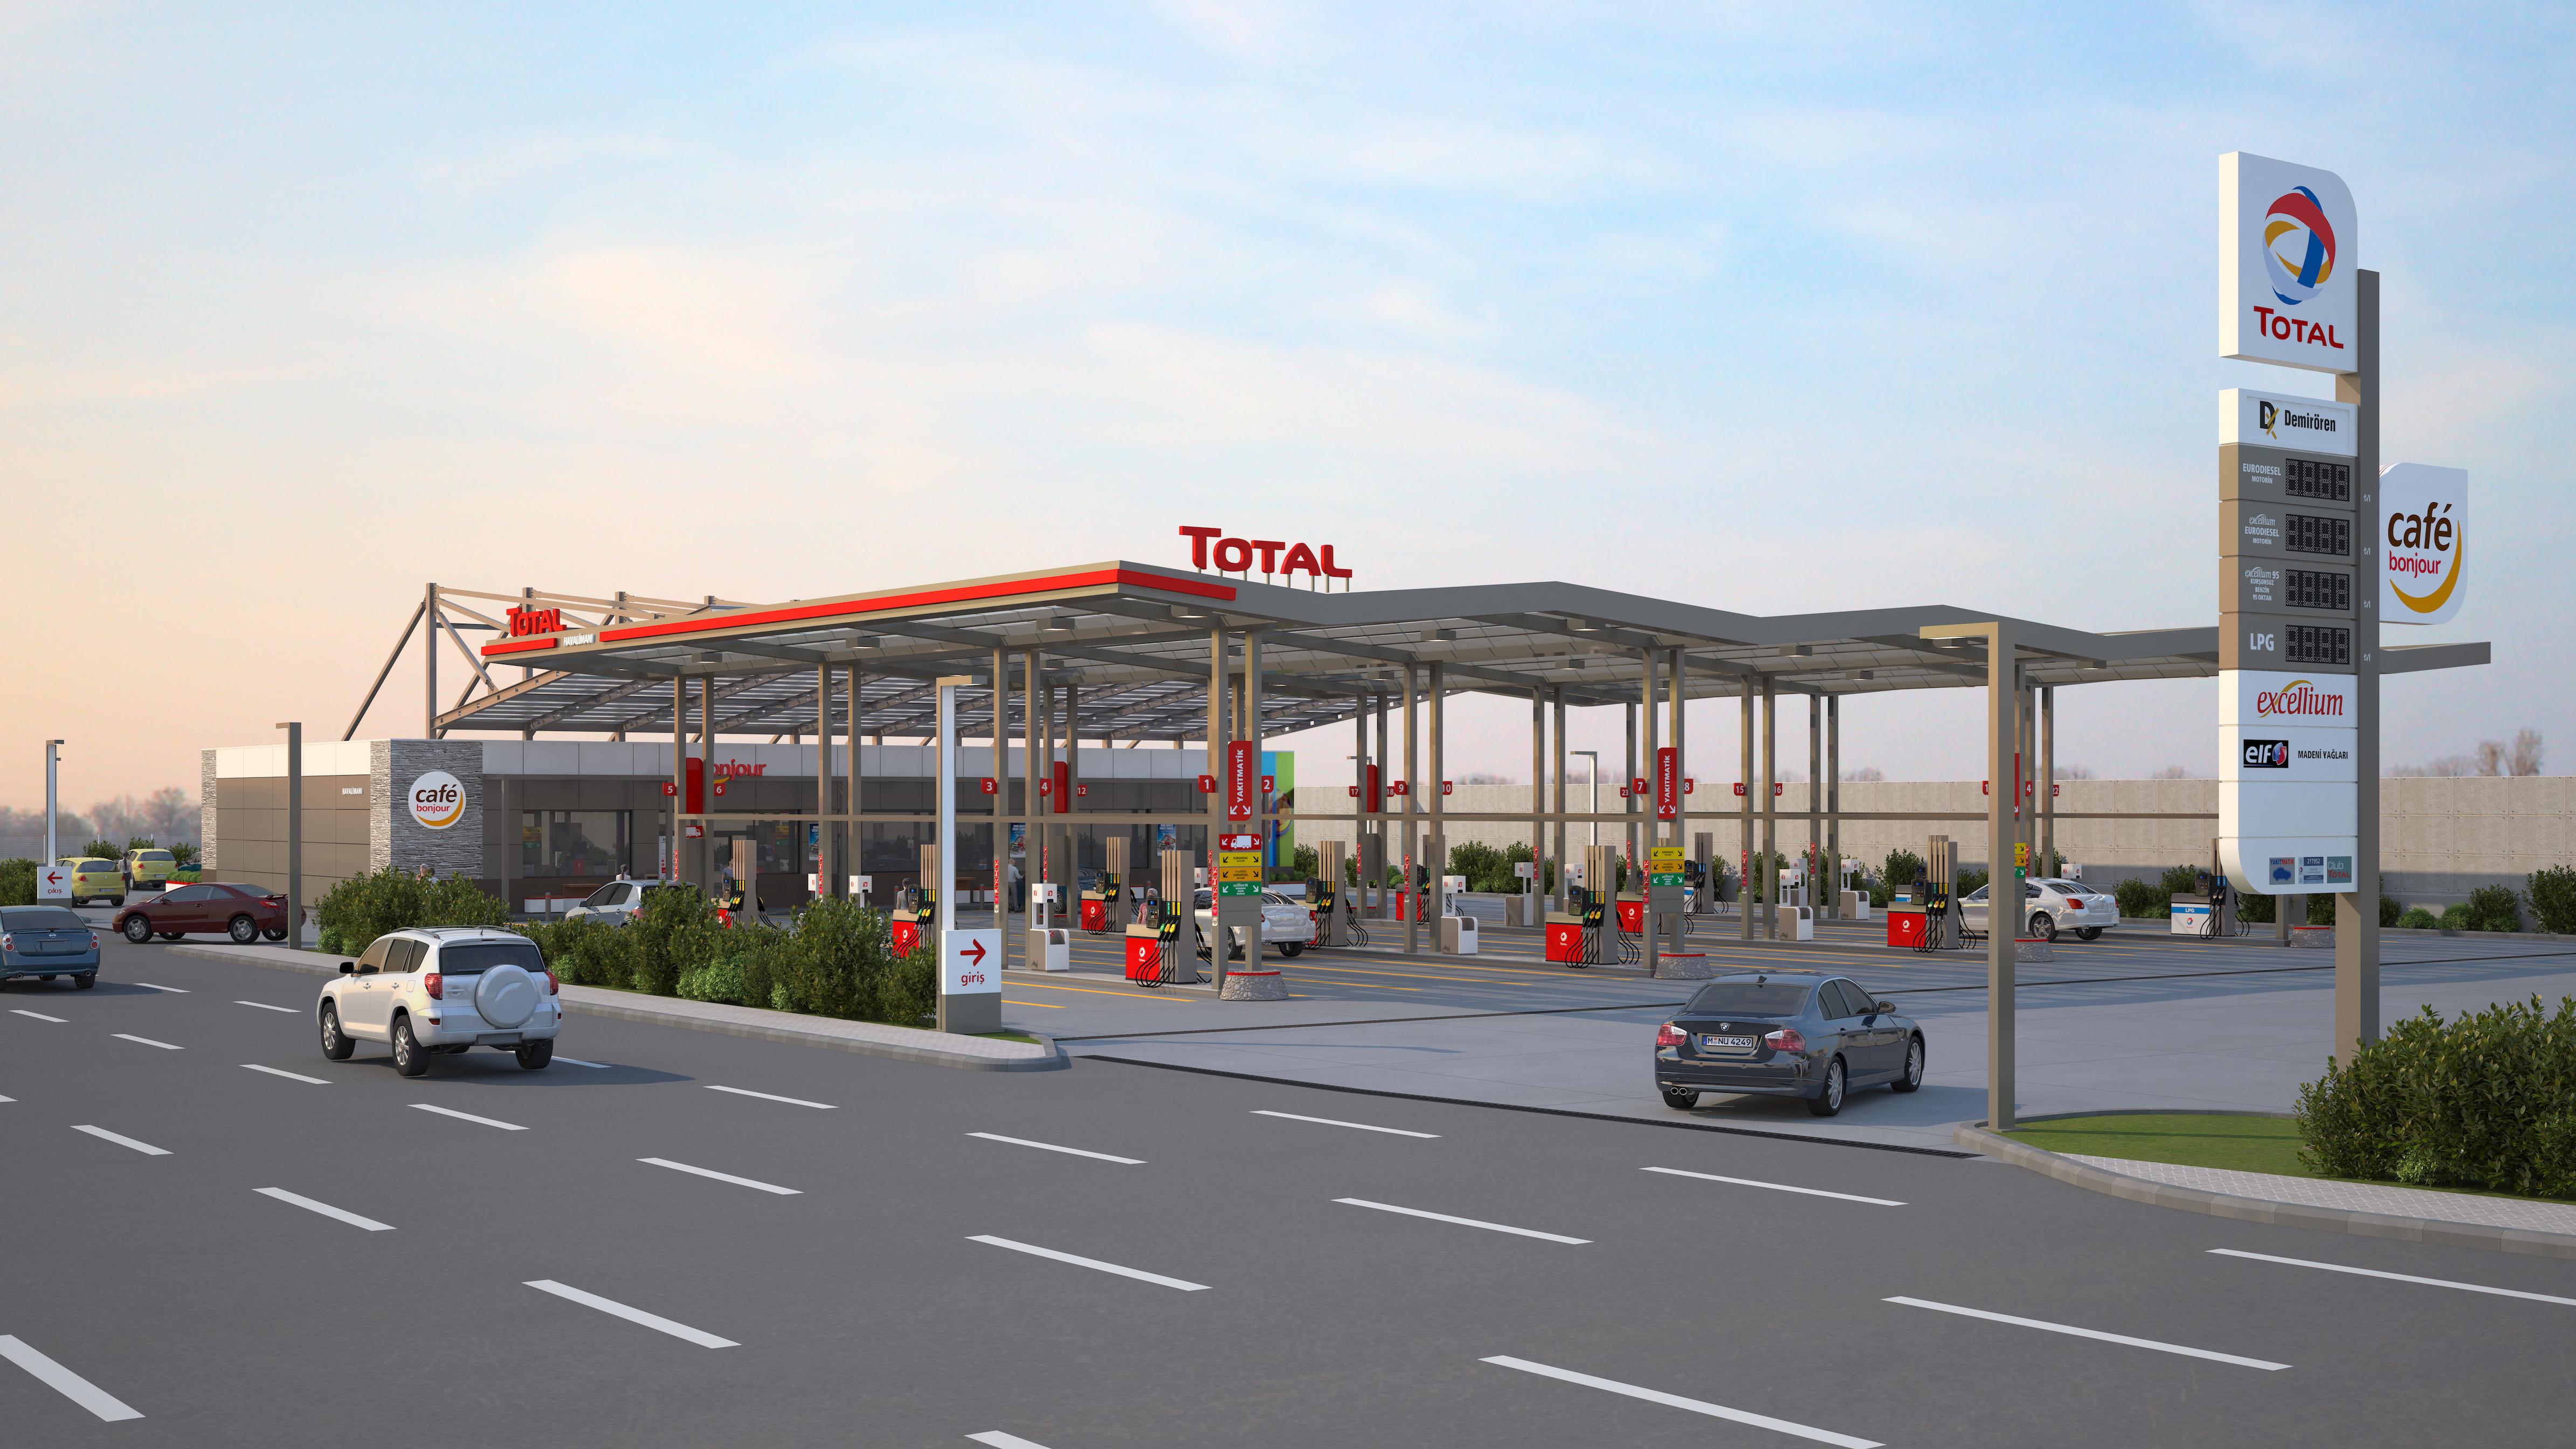 İstanbul Yeni Havalimanı'nın akaryakıt istasyonu TOTAL olacak.